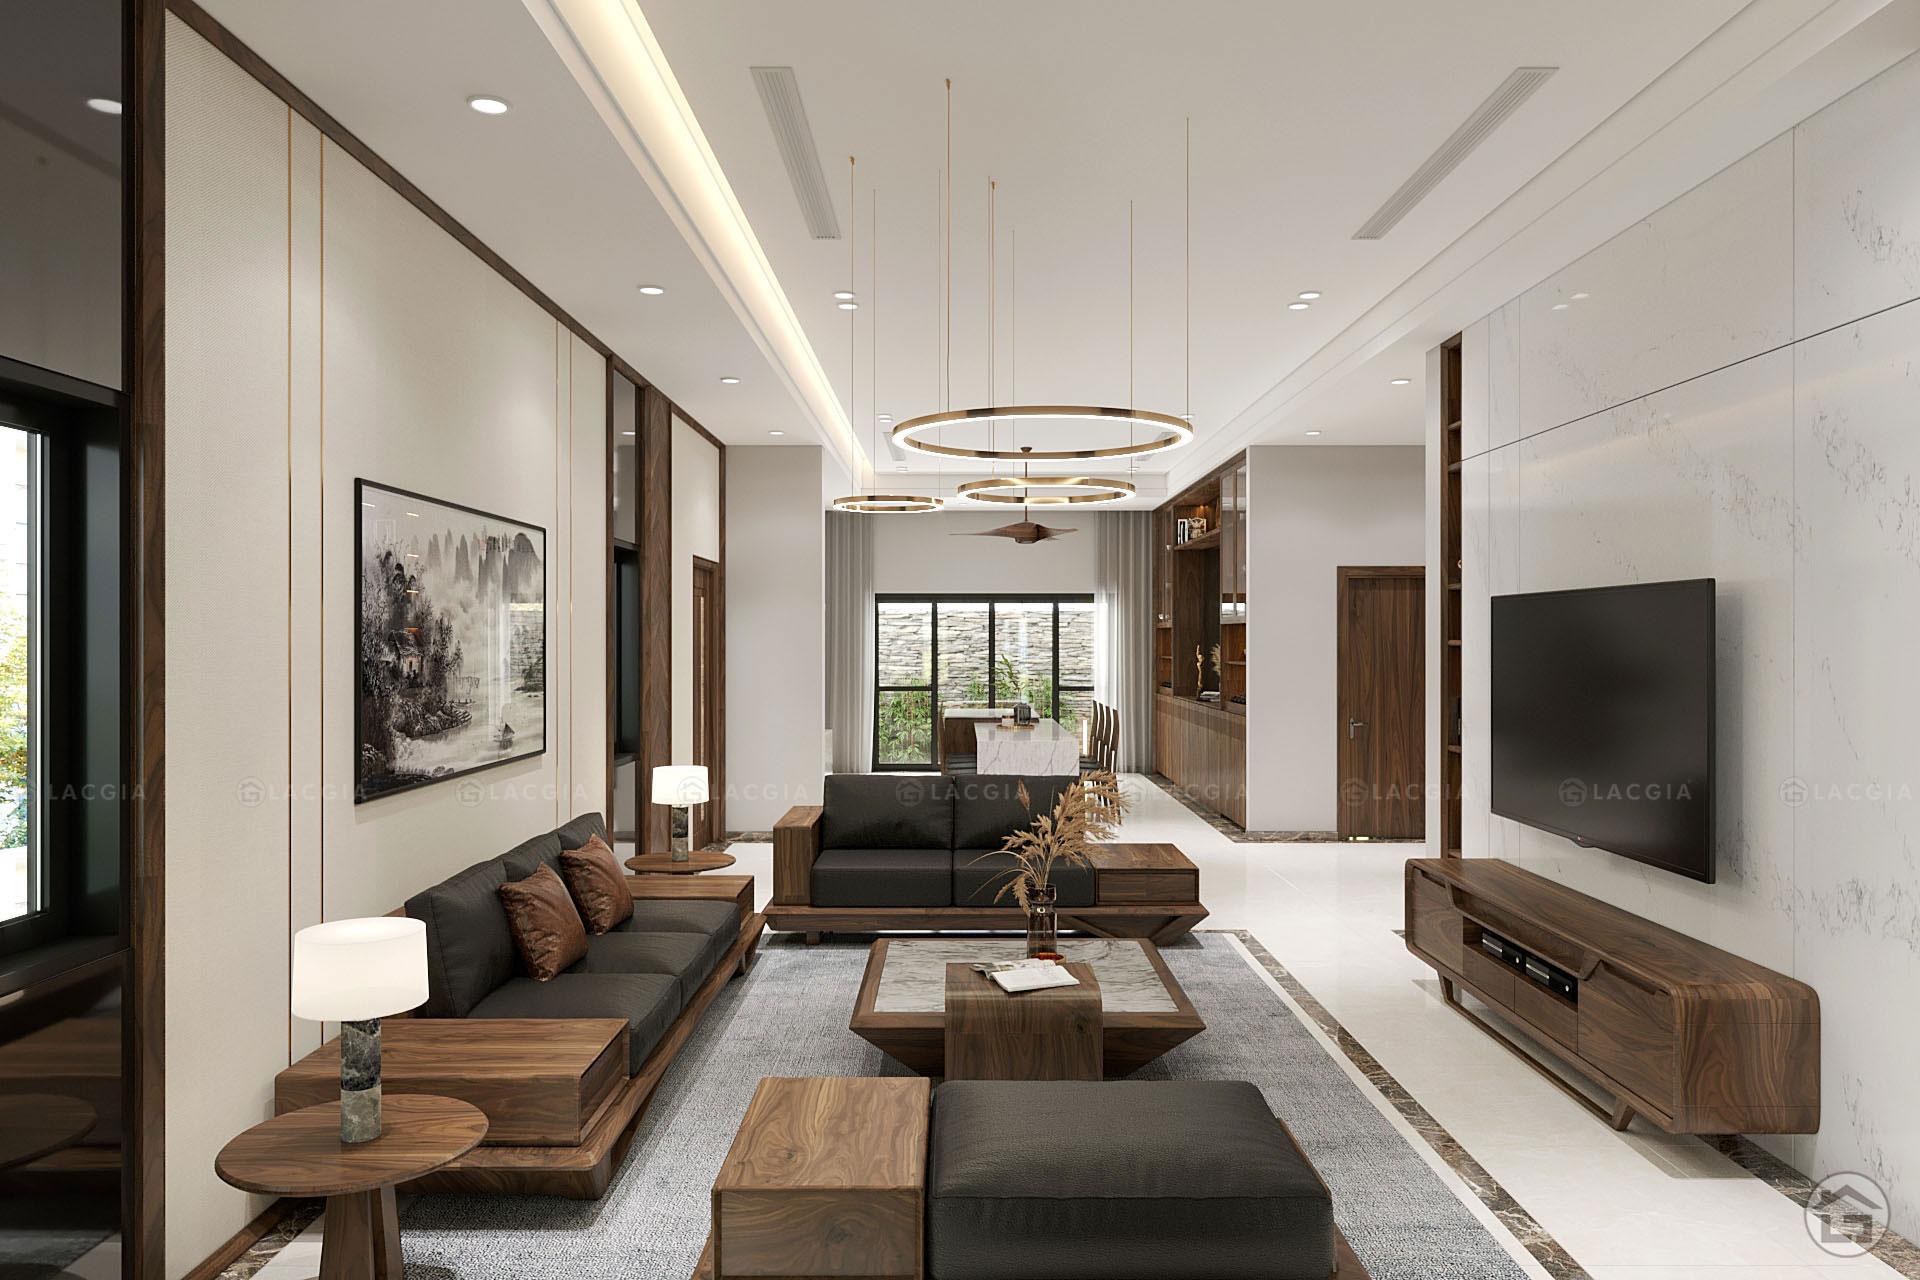 Khi mua sofa gỗ nên chọn đơn vị cung cấp nội thất uy tín